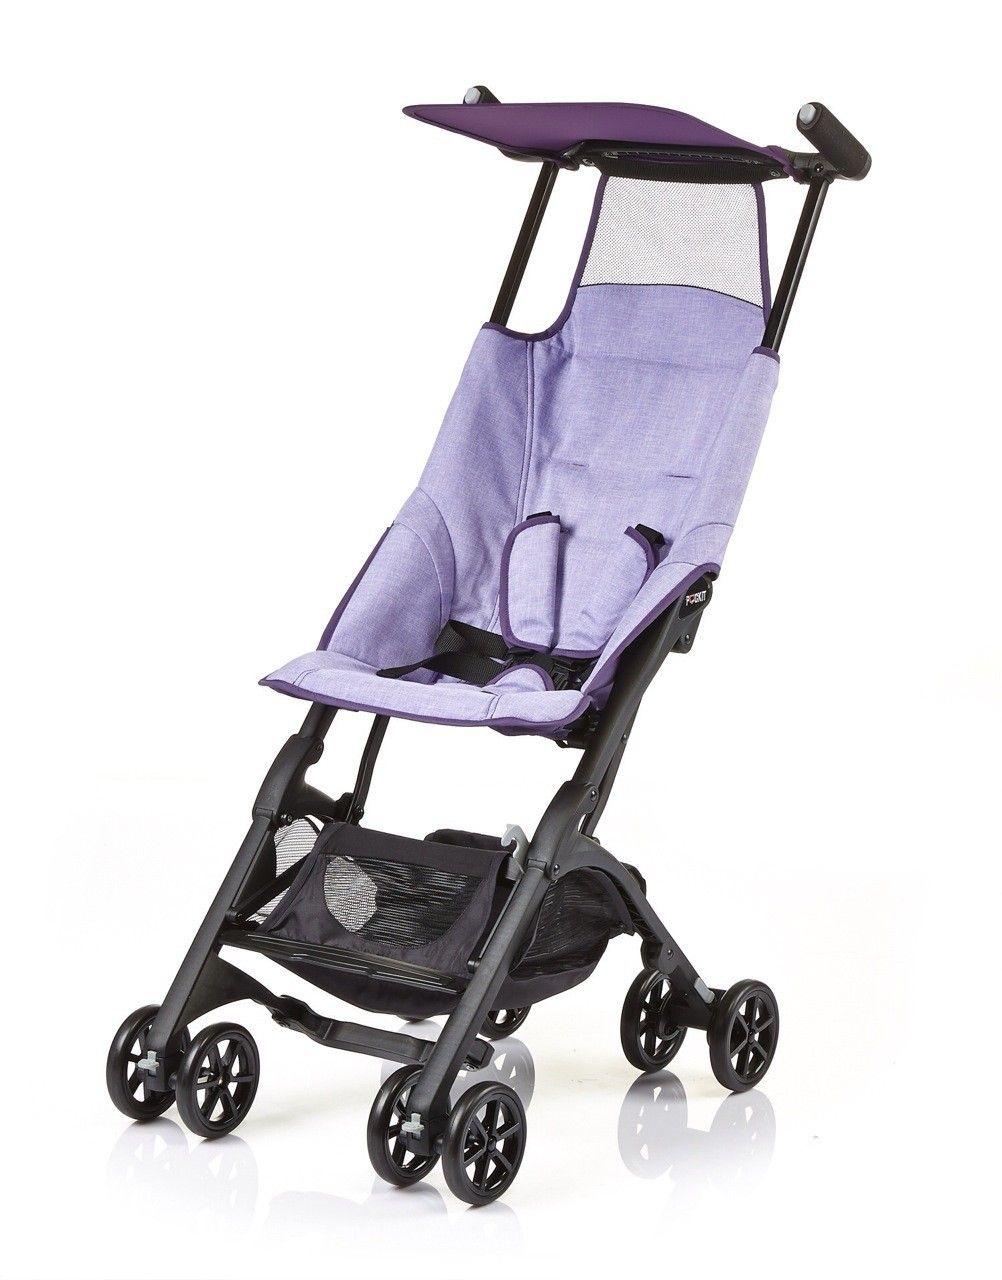 pockit stroller by gb child usa pockit stroller new. Black Bedroom Furniture Sets. Home Design Ideas